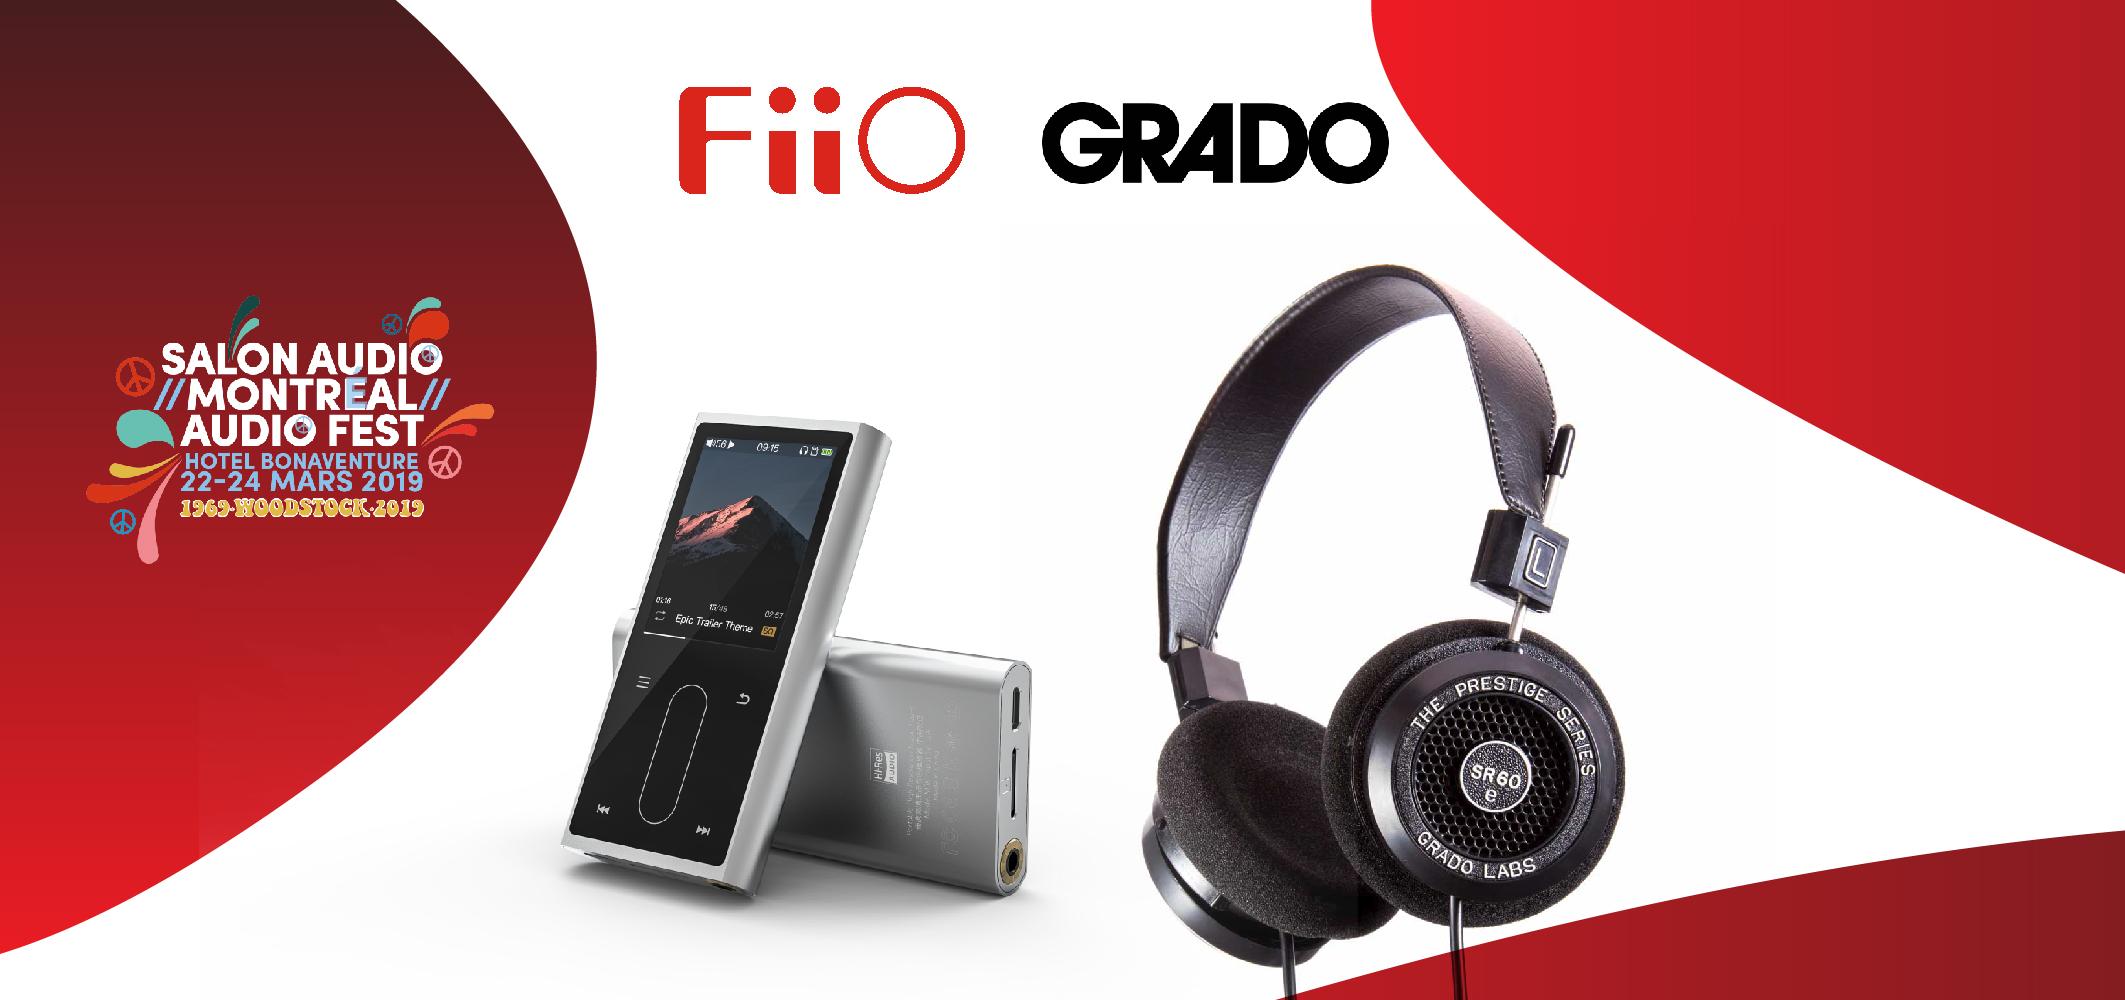 Gagnez un lecteur MP3 FiiO et une paire d'écouteurs Grado grâce au Salon Audio de Montréal